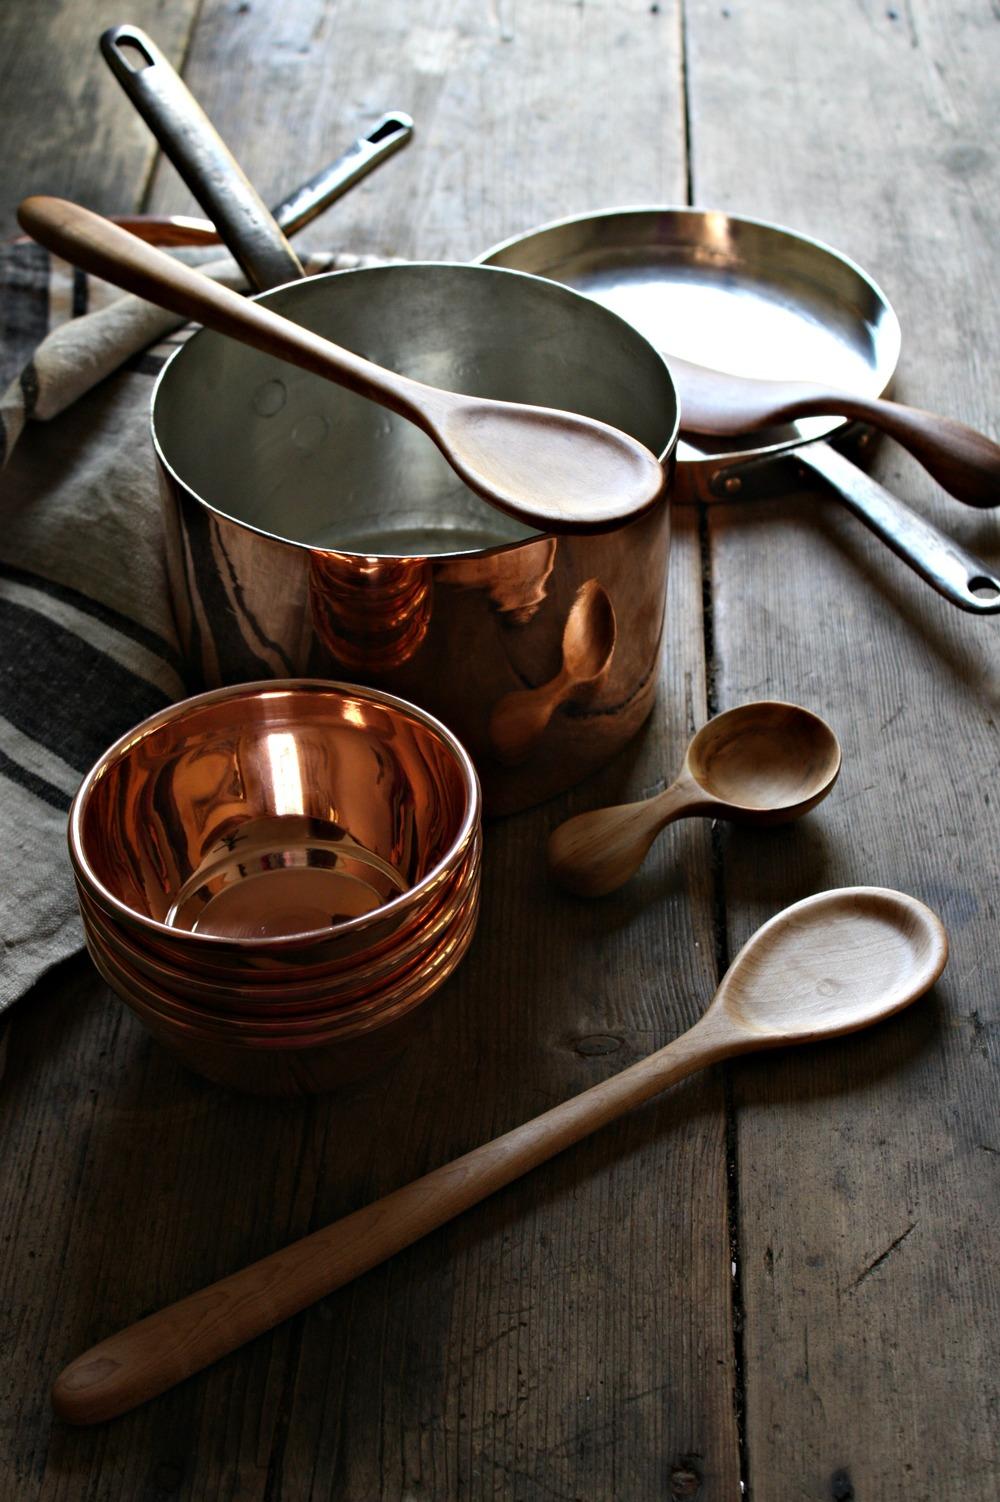 vintage copper pans